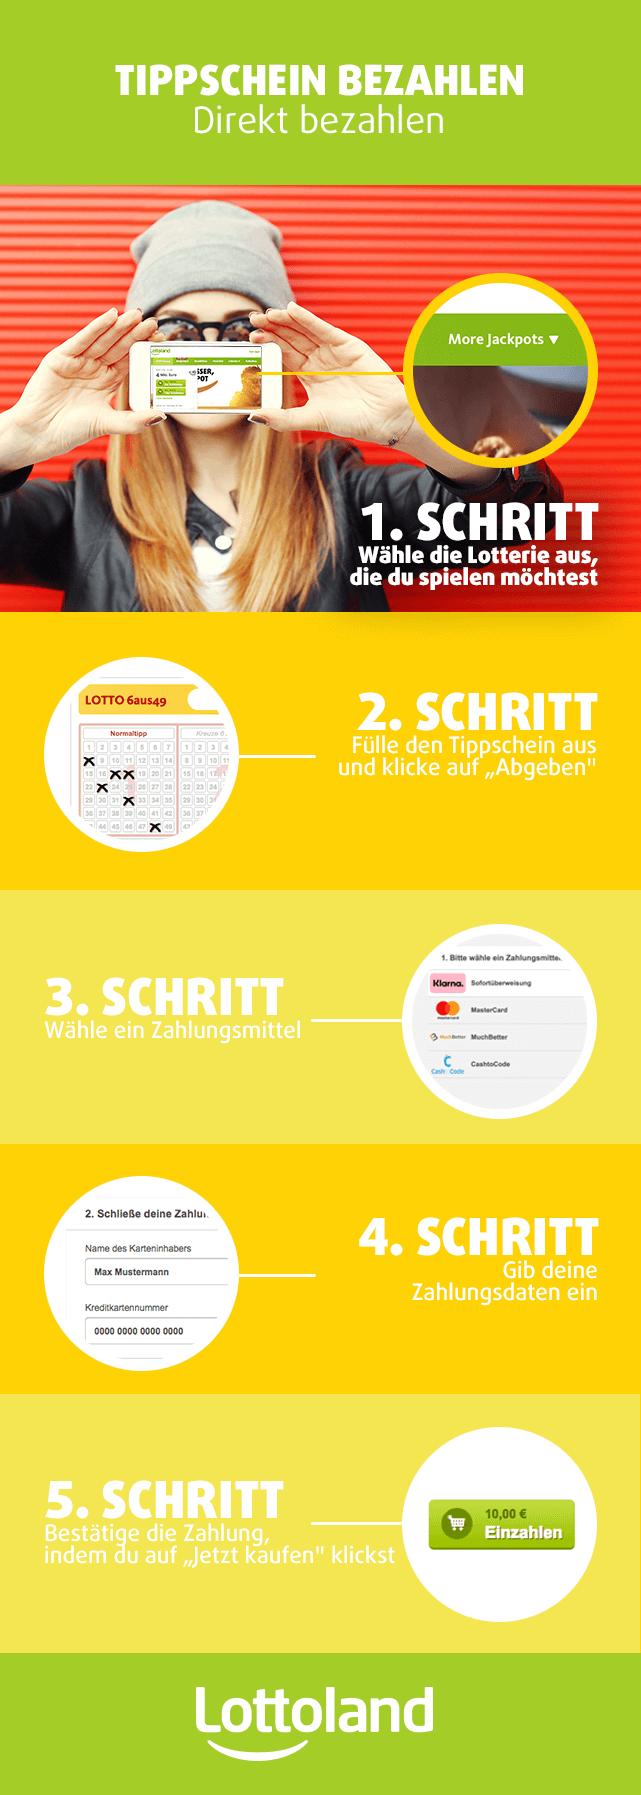 Infografik Tippschein bezahlen Lottoland Deutschland